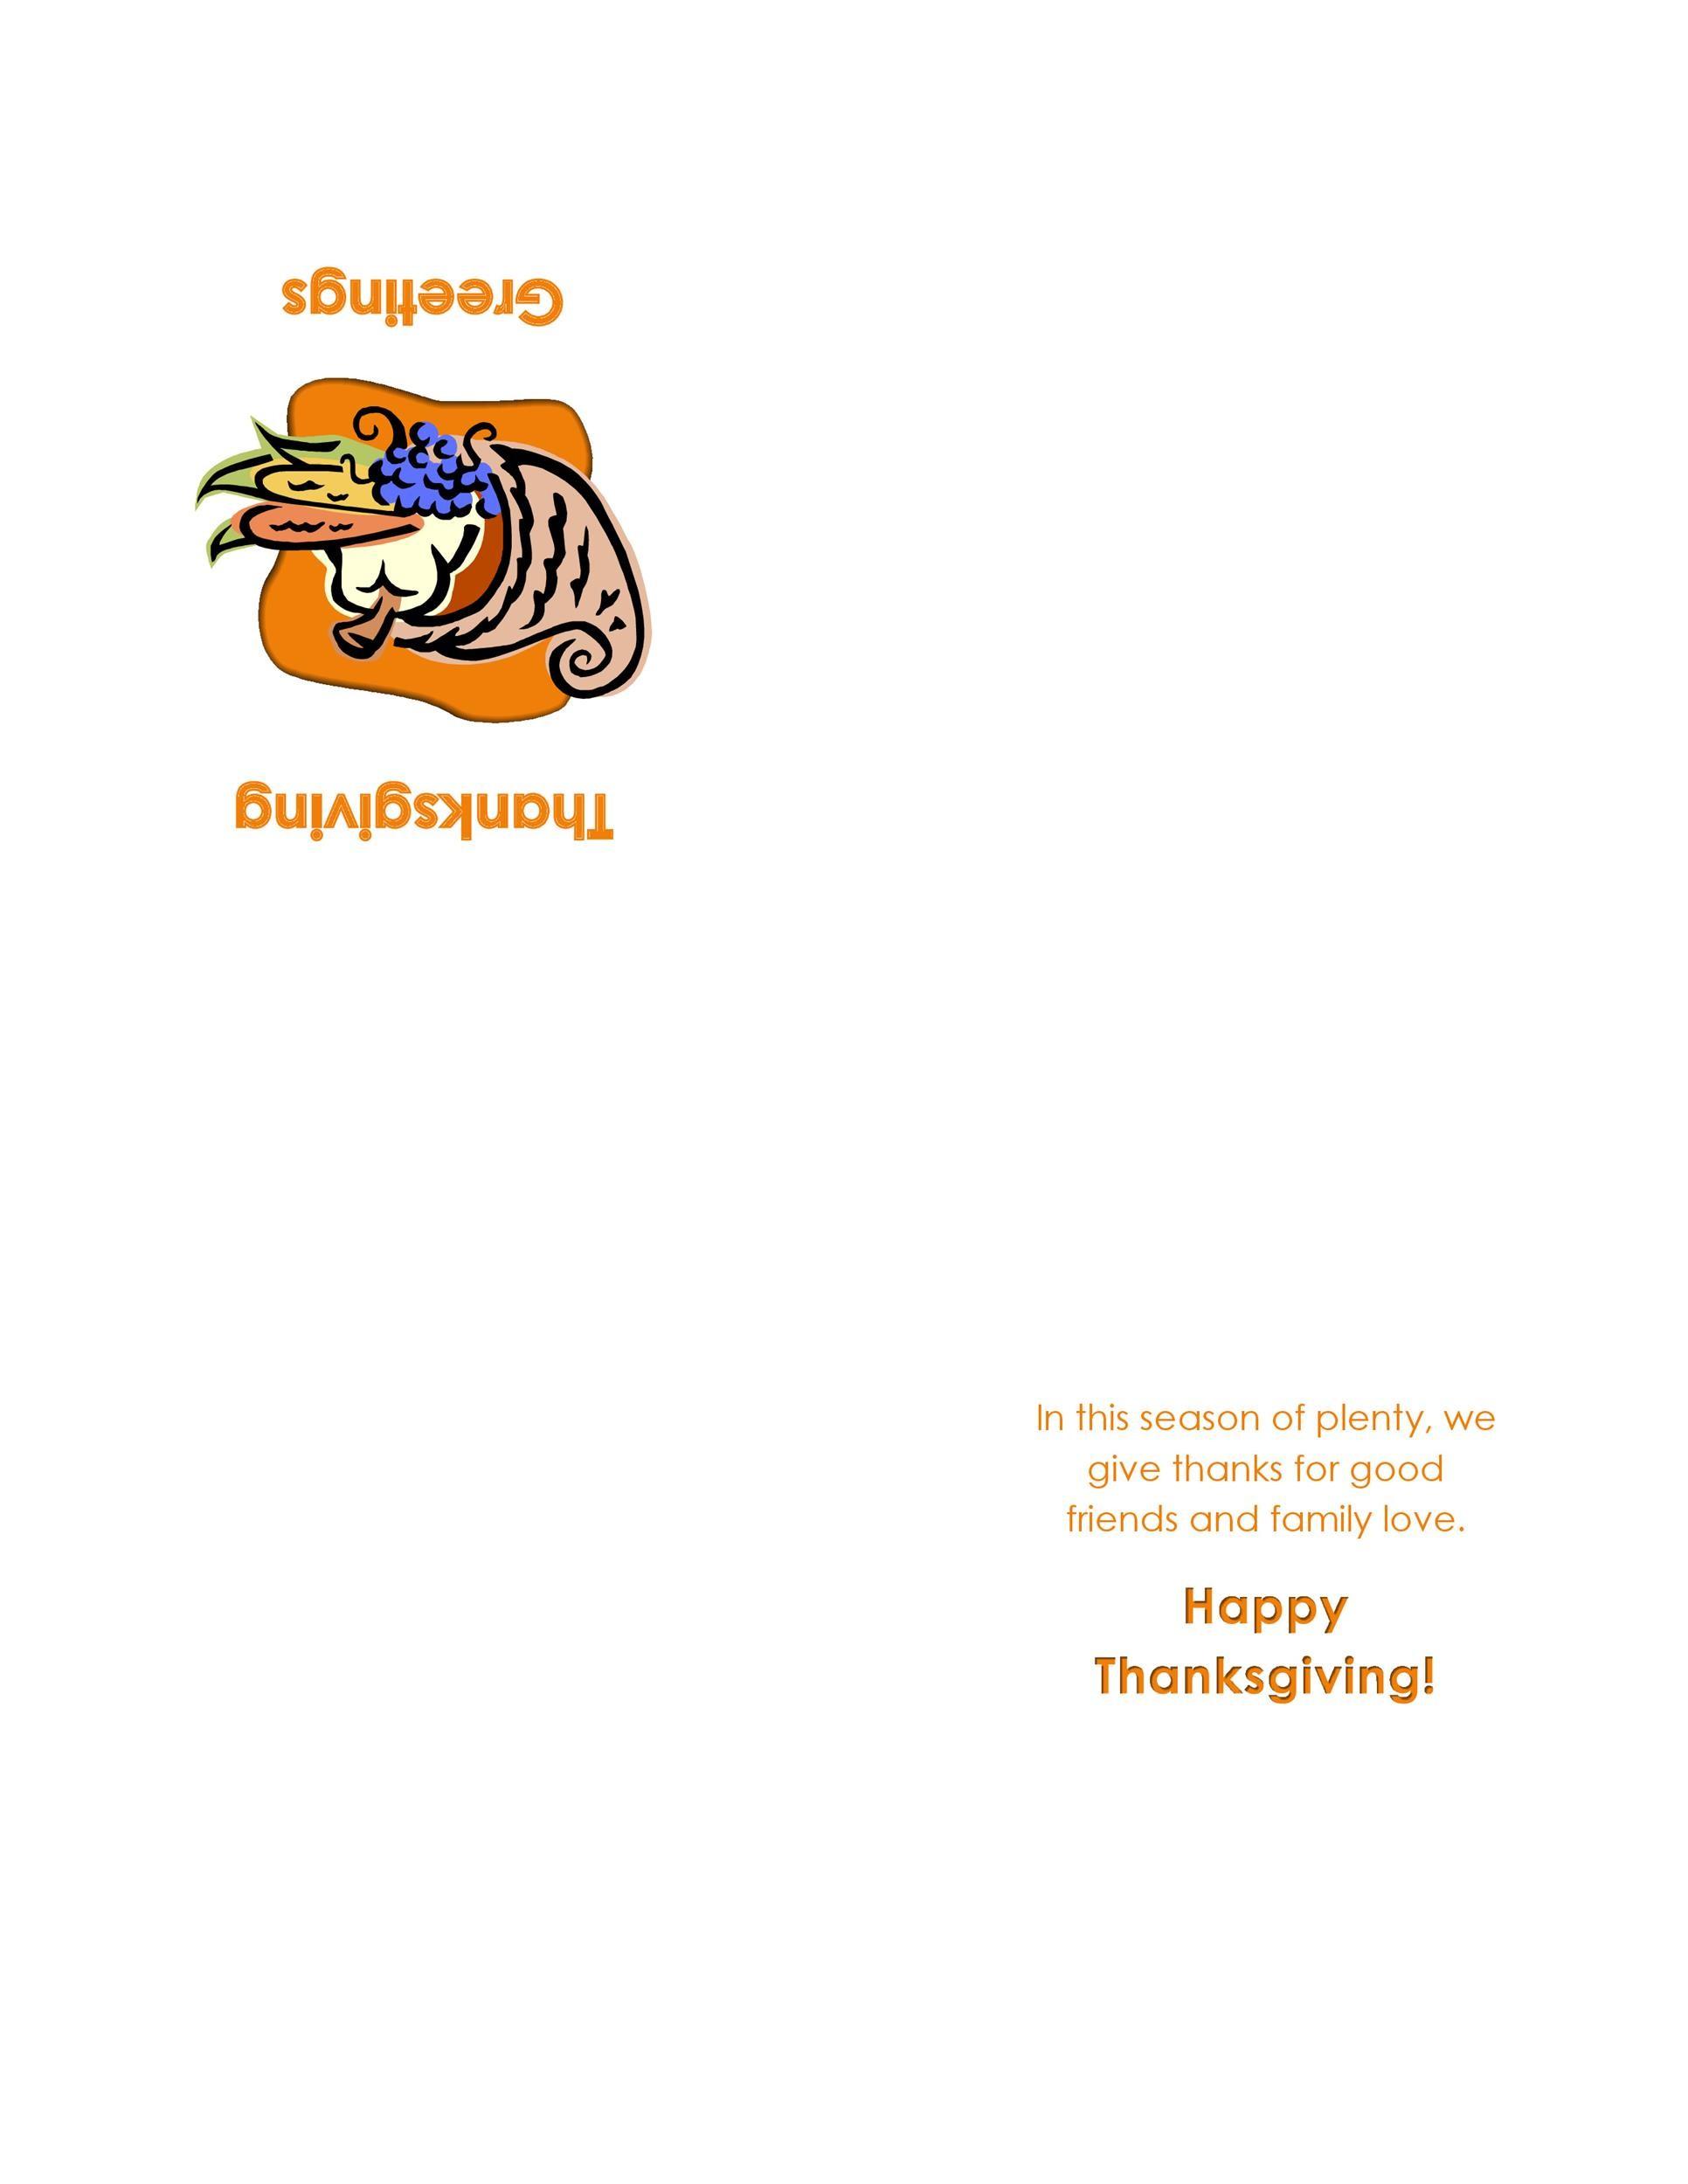 Free thanksgiving menu template 05